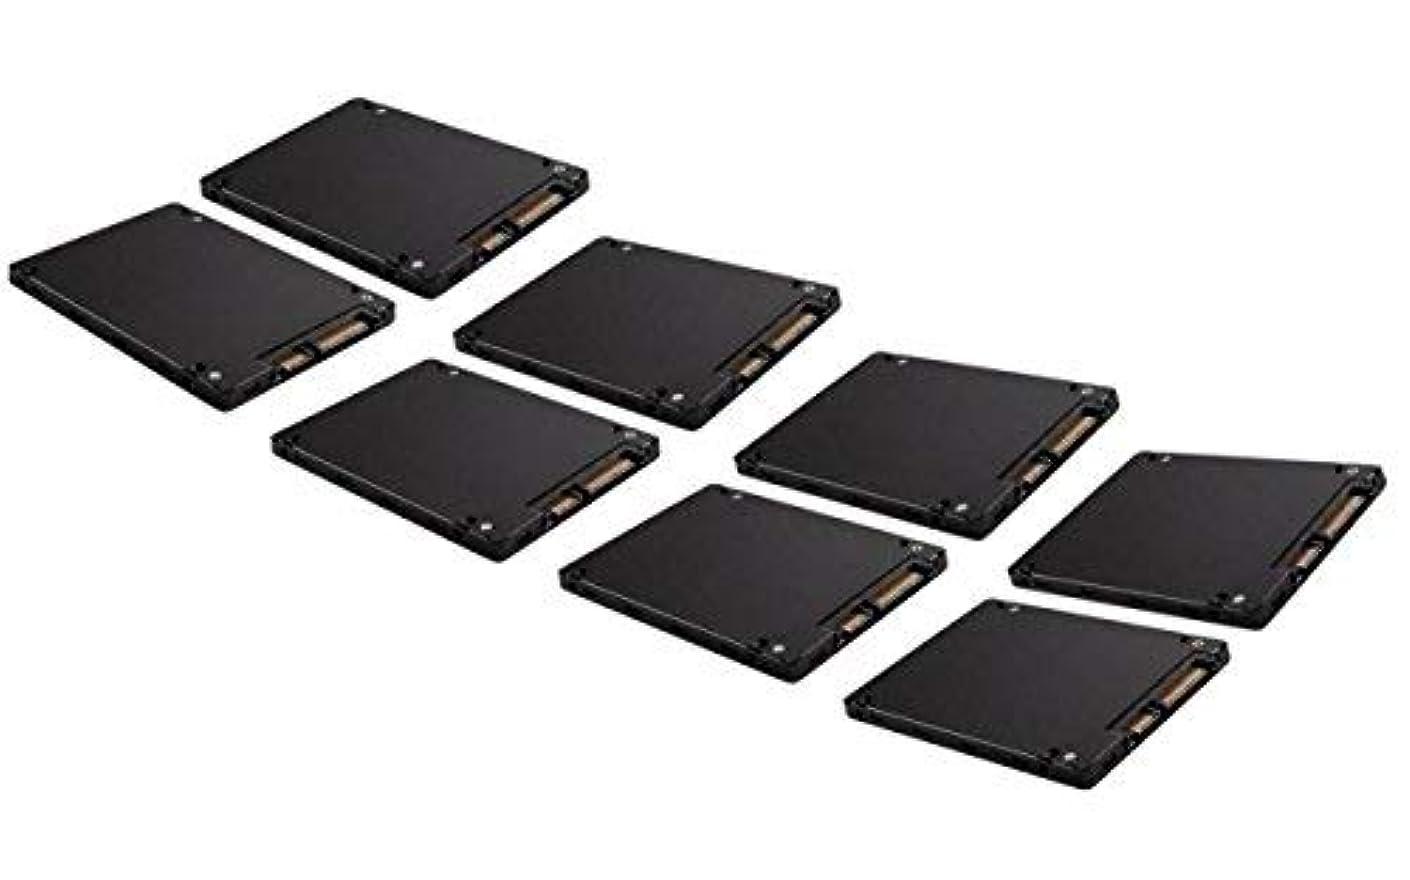 読みやすさ不十分なフローMicron (8 Pack) 2TB Sata 2.5 inch Solid State Drive SSD for Laptop, Desktop and Servers (Fast Read/Write Speed, Reduced Power Consumption, Extended Reliability, 3D NAND Flash) in Bulk Package [並行輸入品]